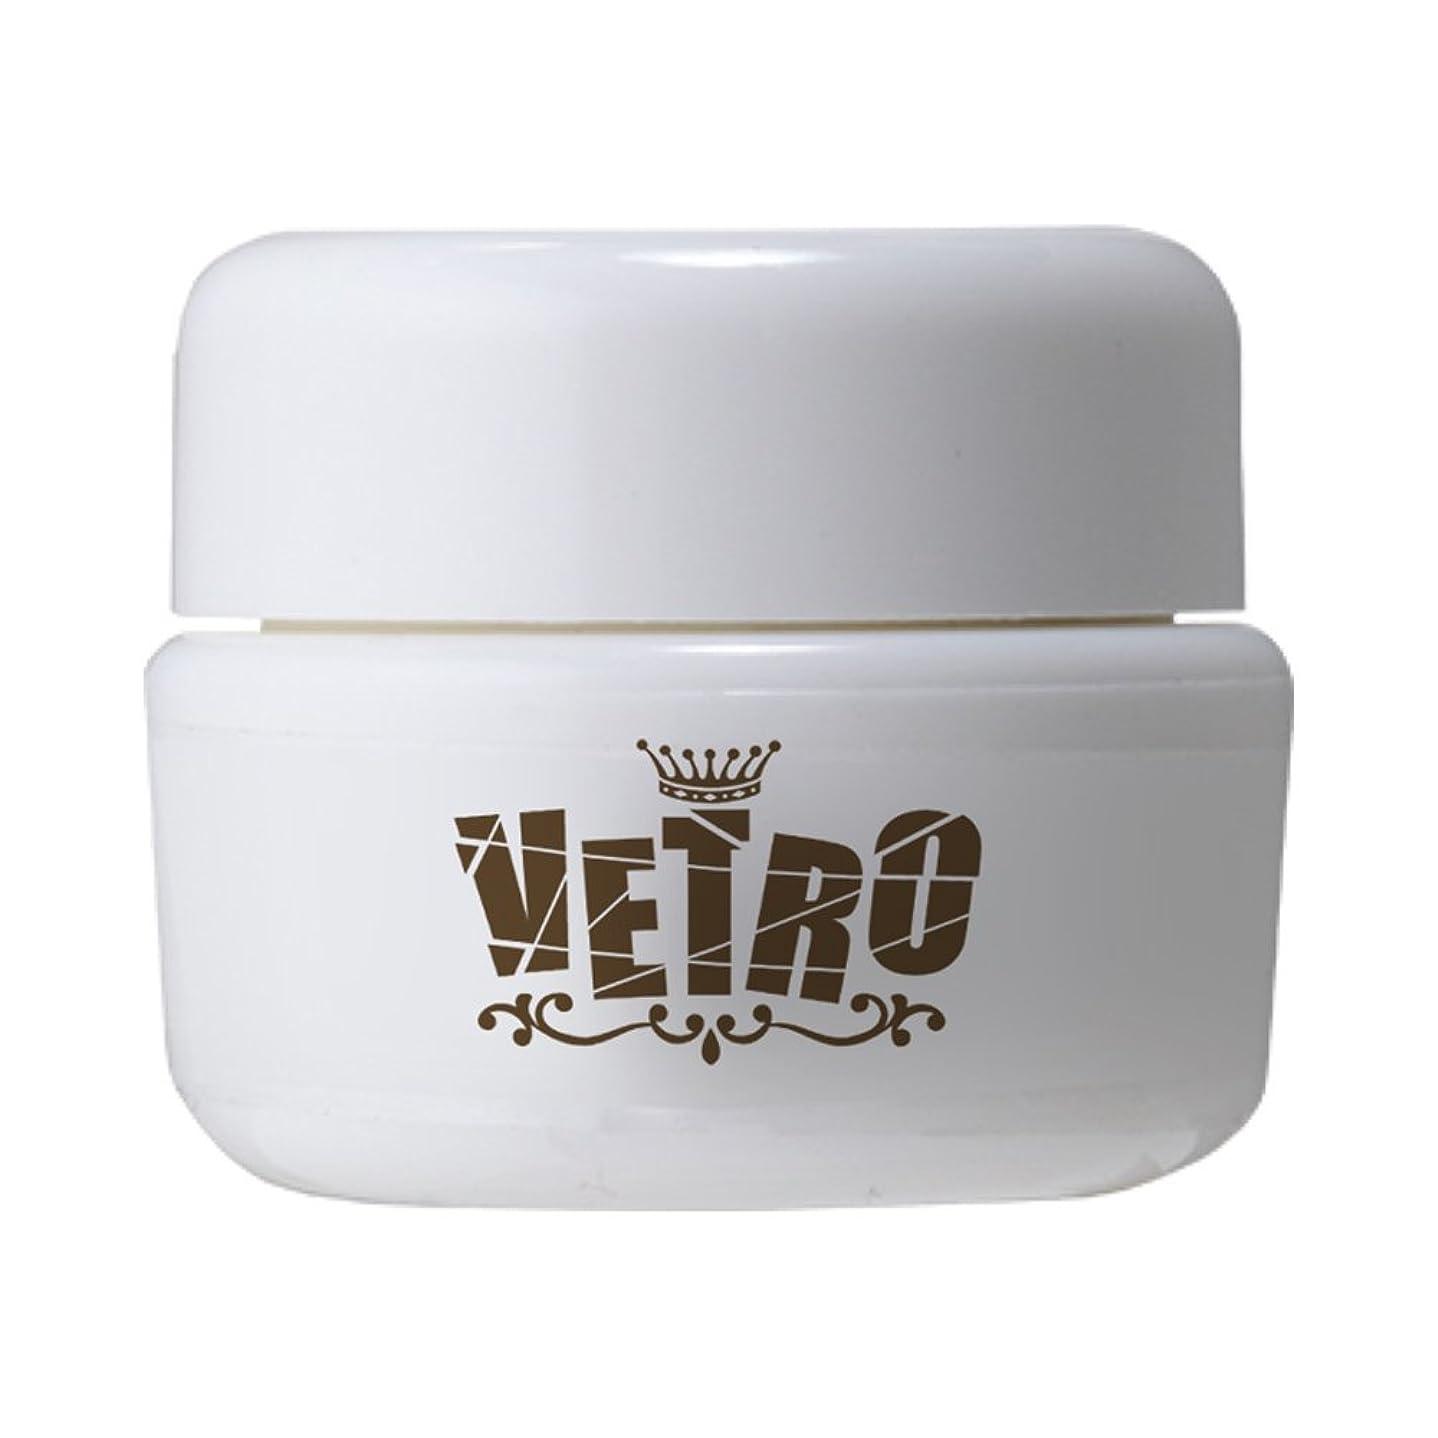 頭痛正確談話VETRO No.19 カラージェル マット VL023 マットホワイト 4ml